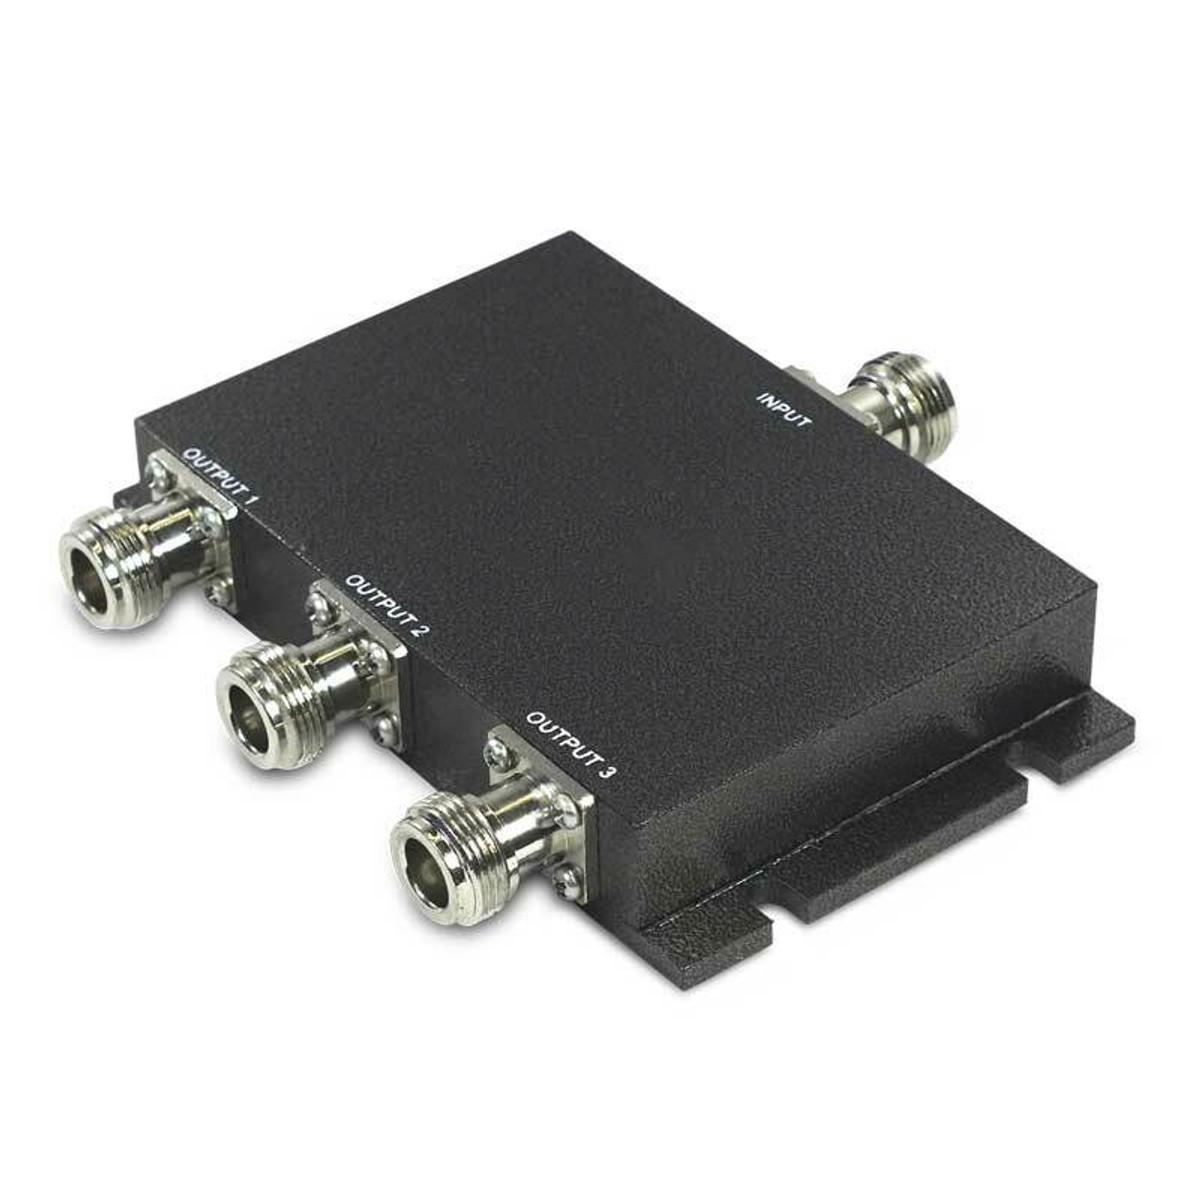 SureCall SureCall 3-Way Splitter or SC-WS-3